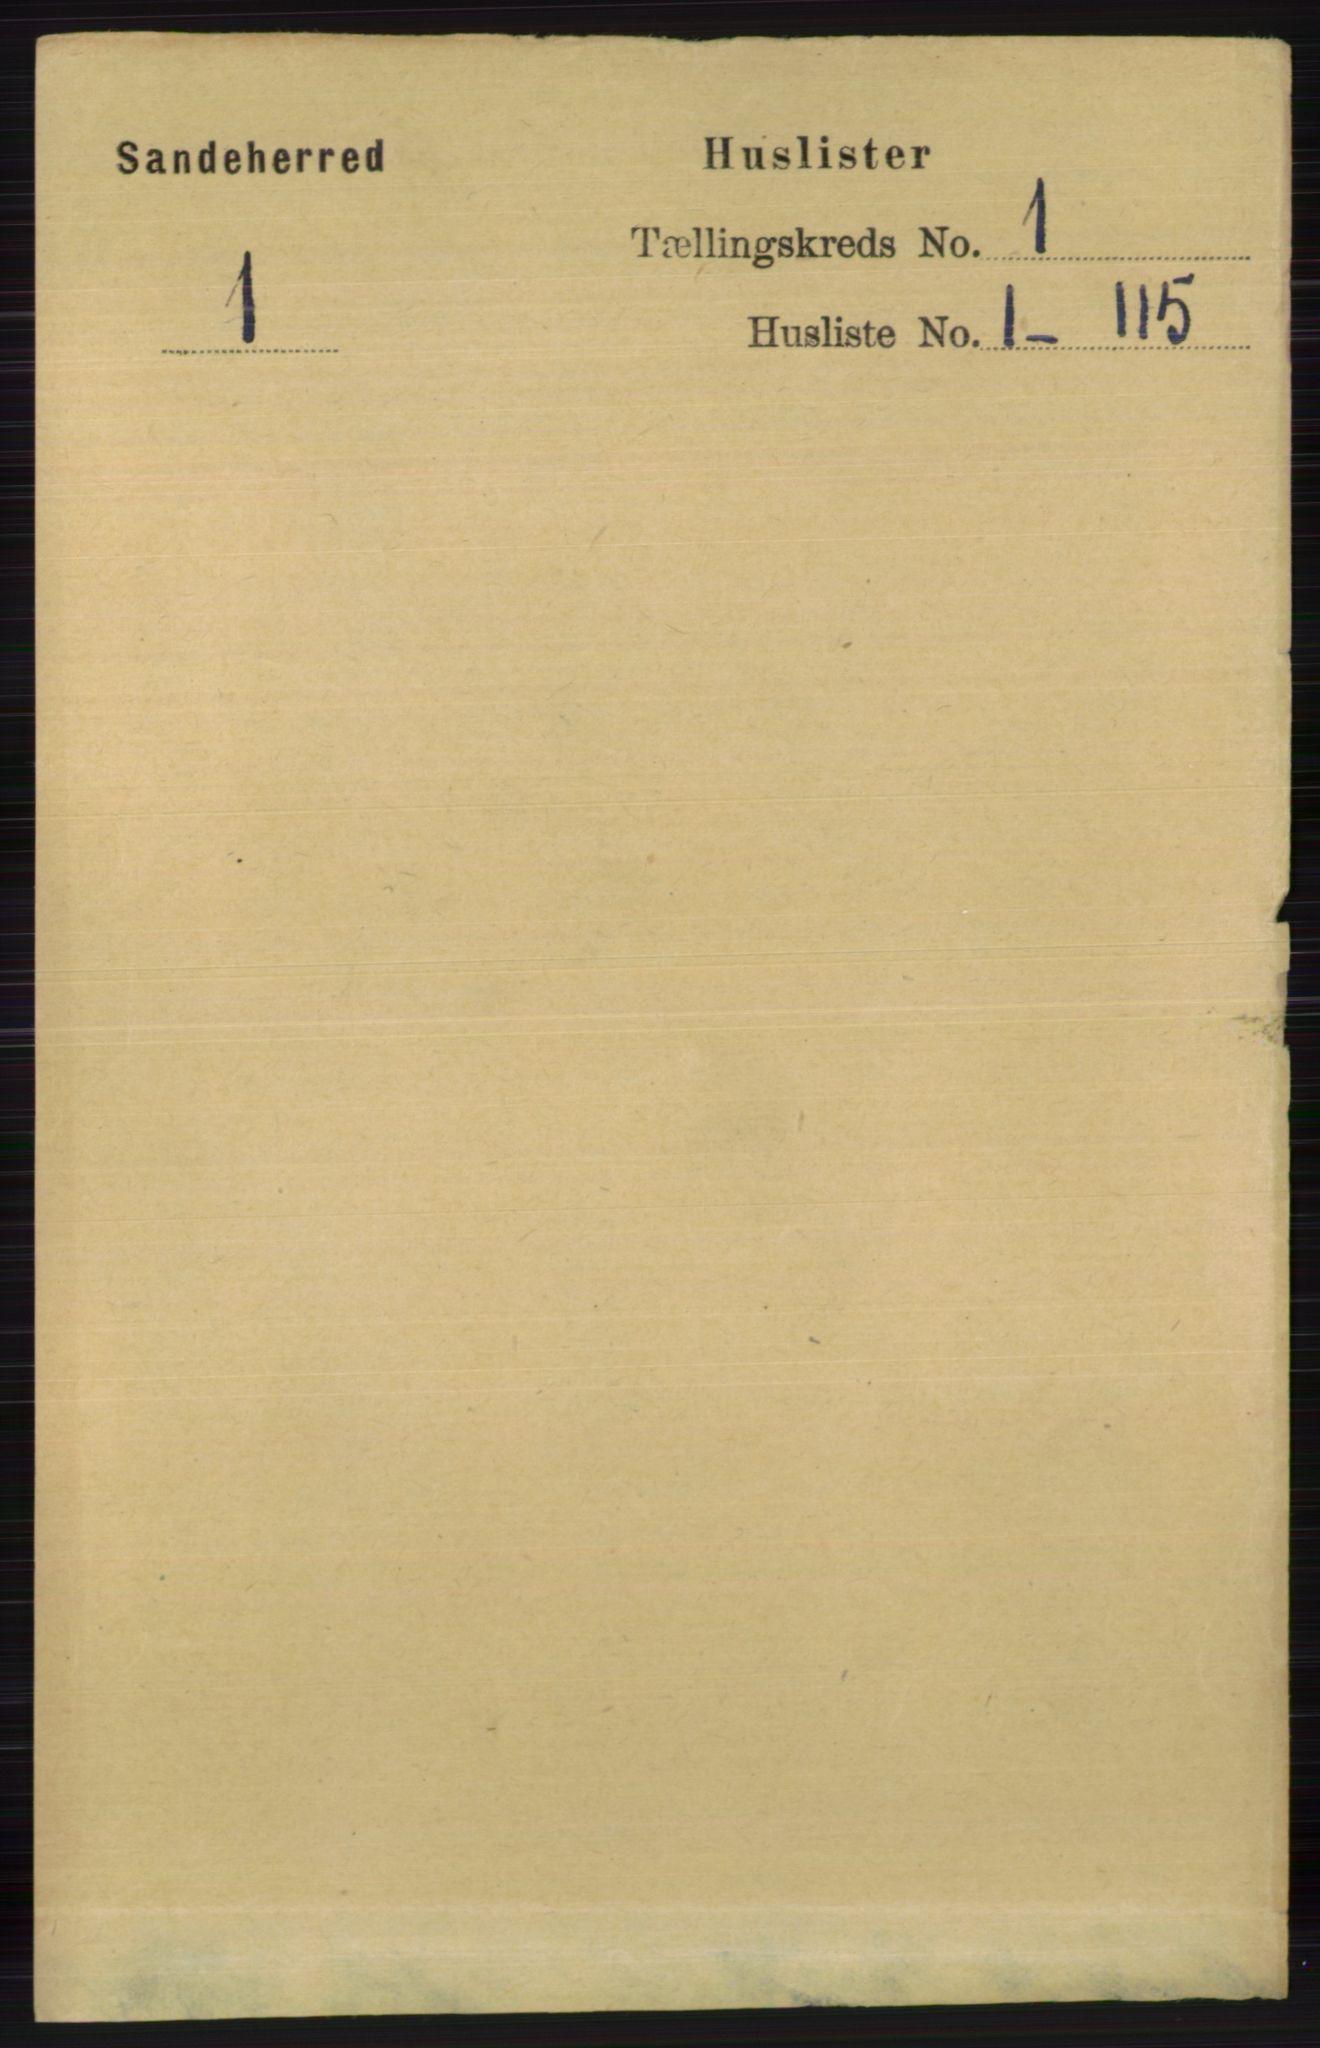 RA, Folketelling 1891 for 0724 Sandeherred herred, 1891, s. 46